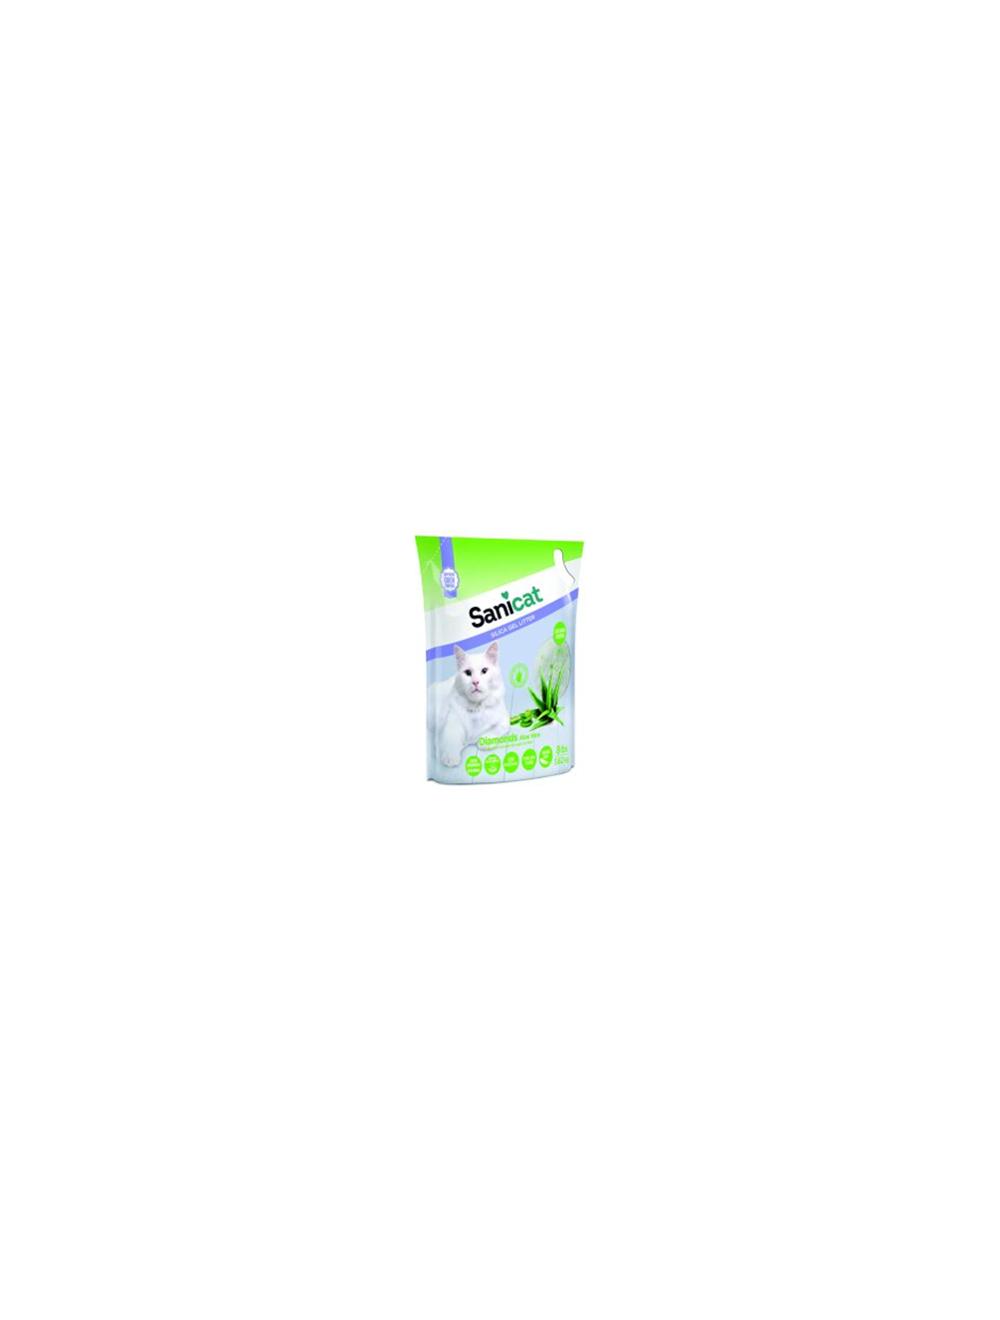 Sanicat Diamond Gel De Silice Aloe Vera x 3.6 Kg